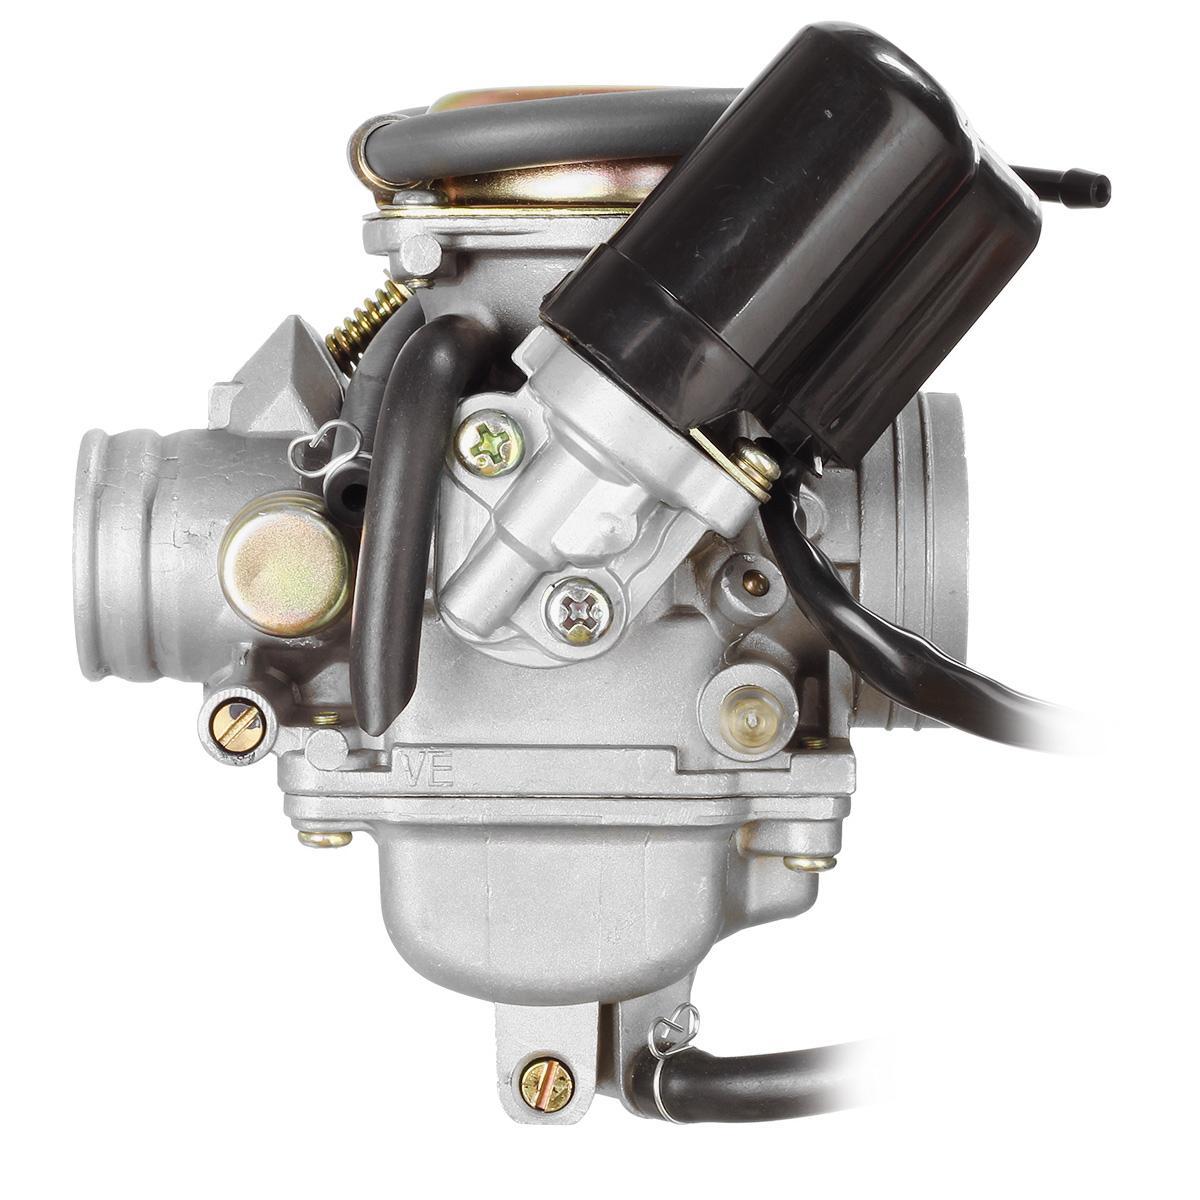 NEW Performance Carburetor For HENSIM 150CC Four-Wheeler